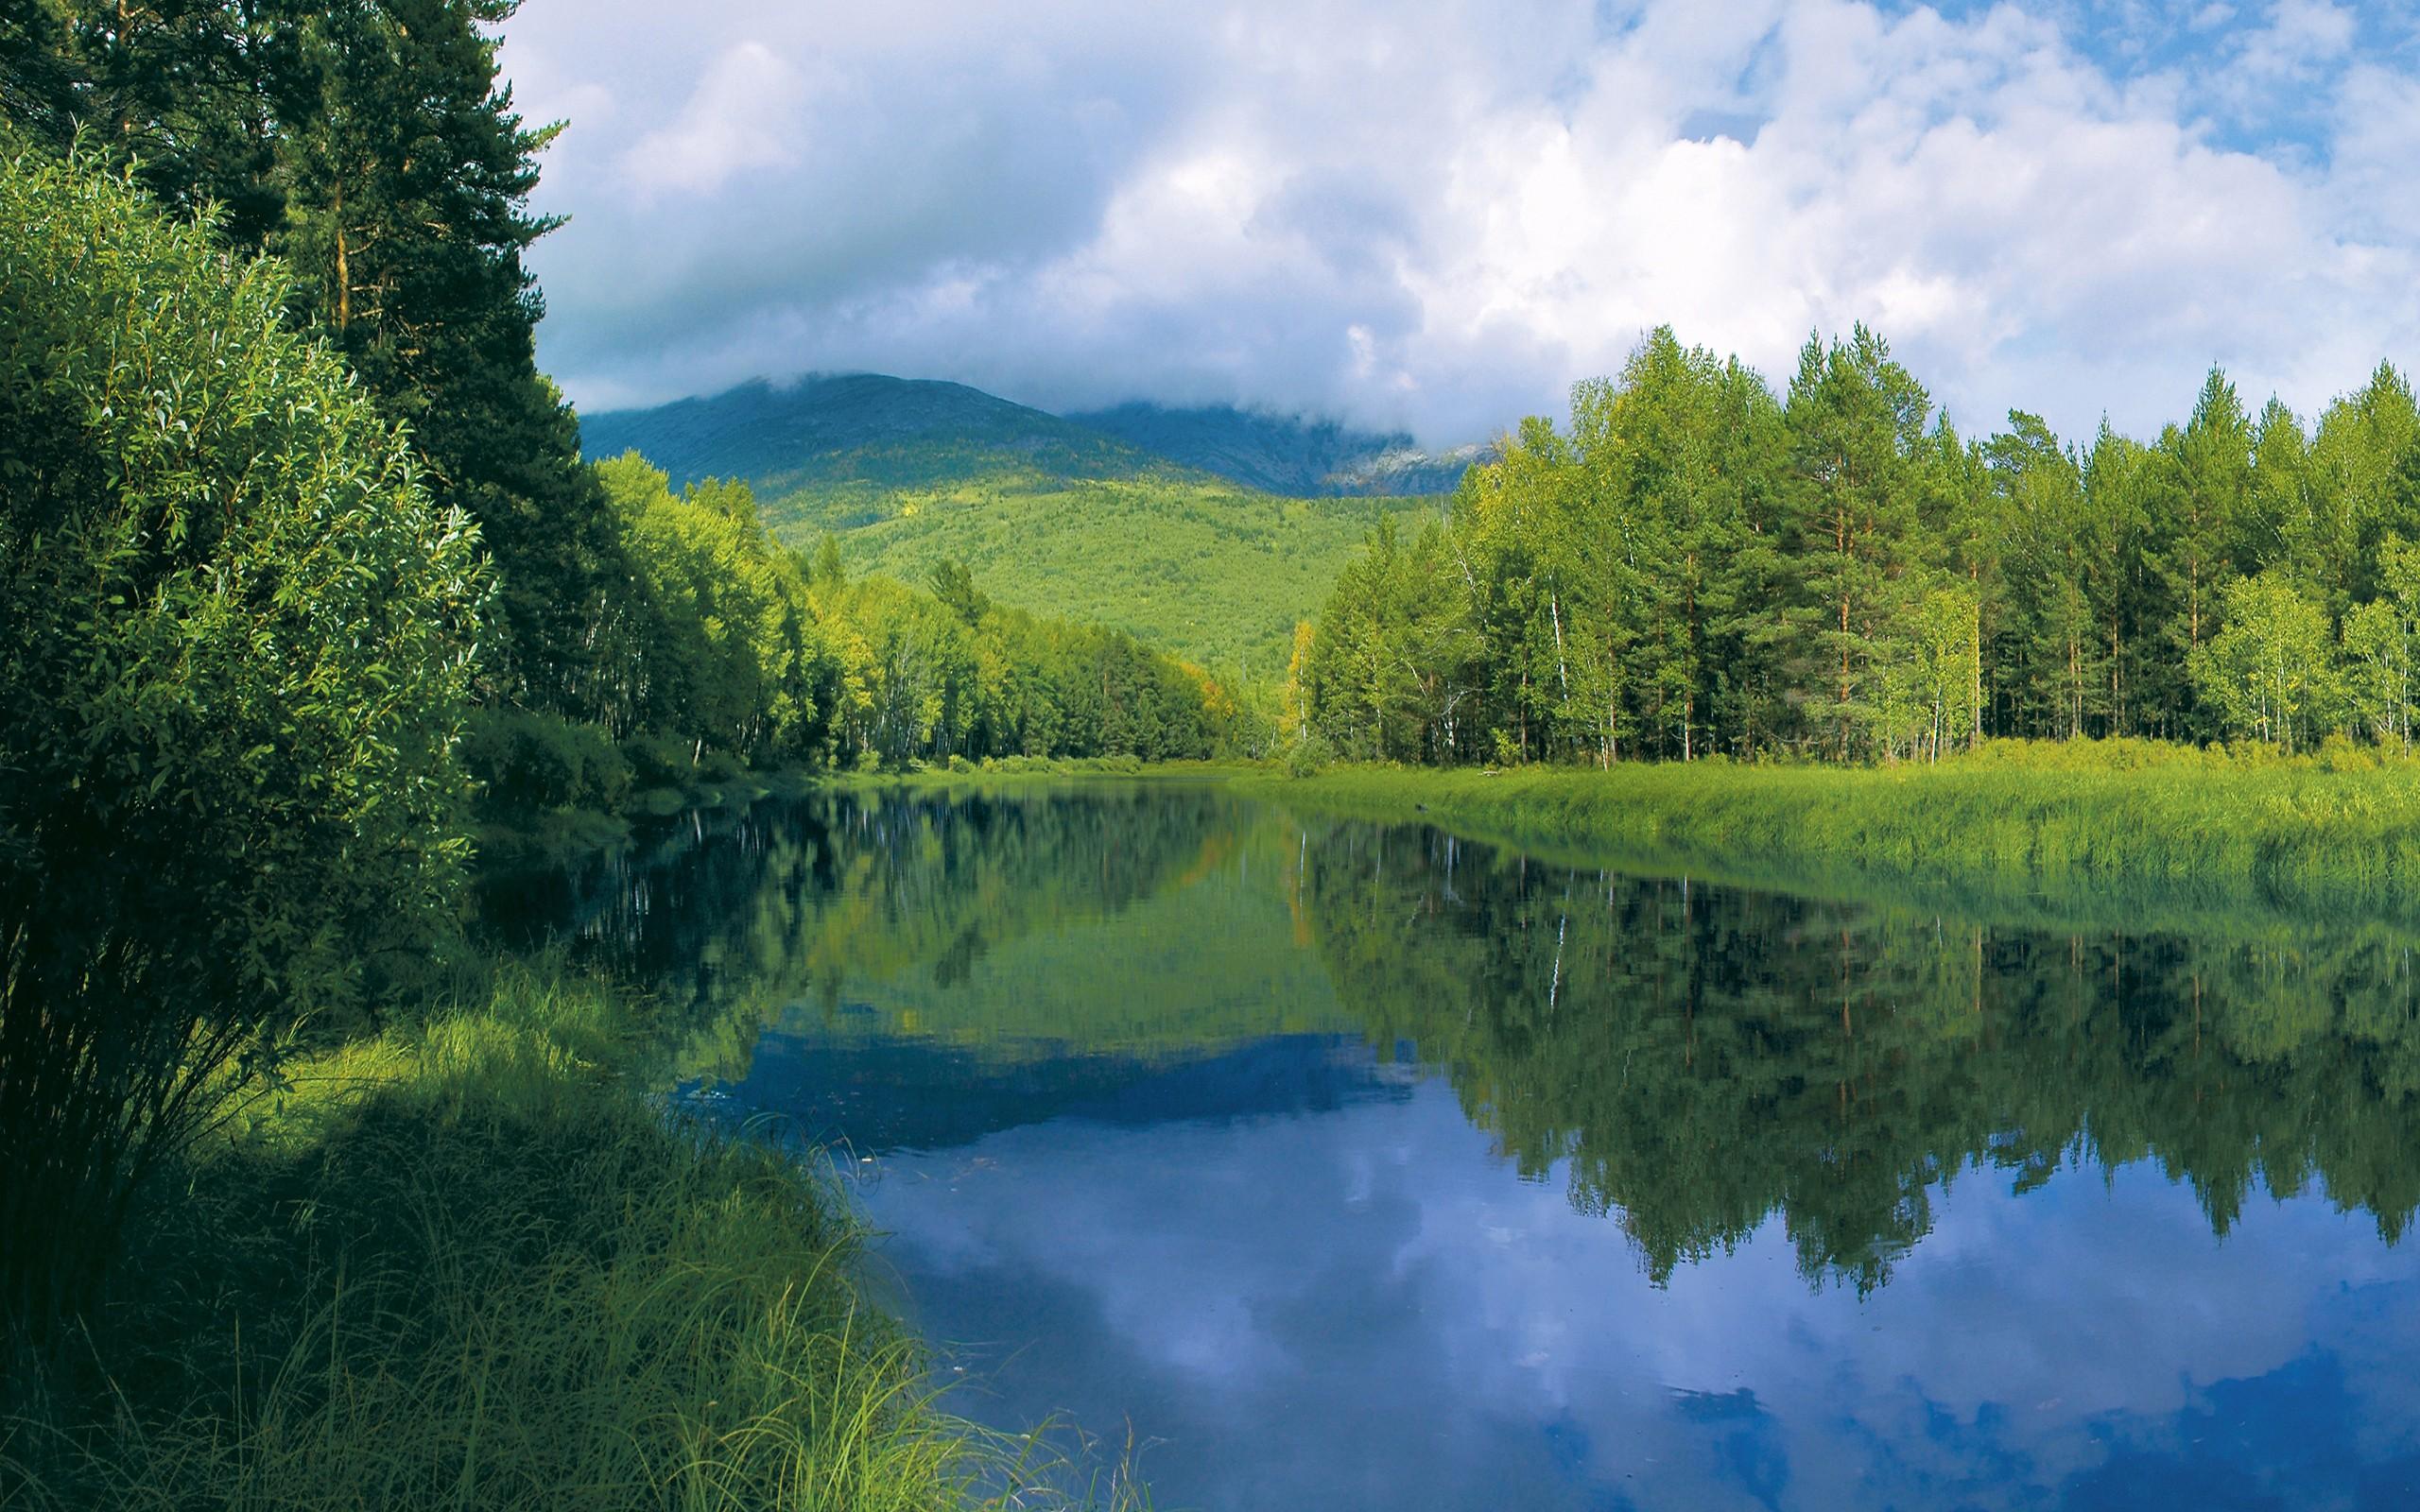 природа река деревья облака небо  № 316520 загрузить